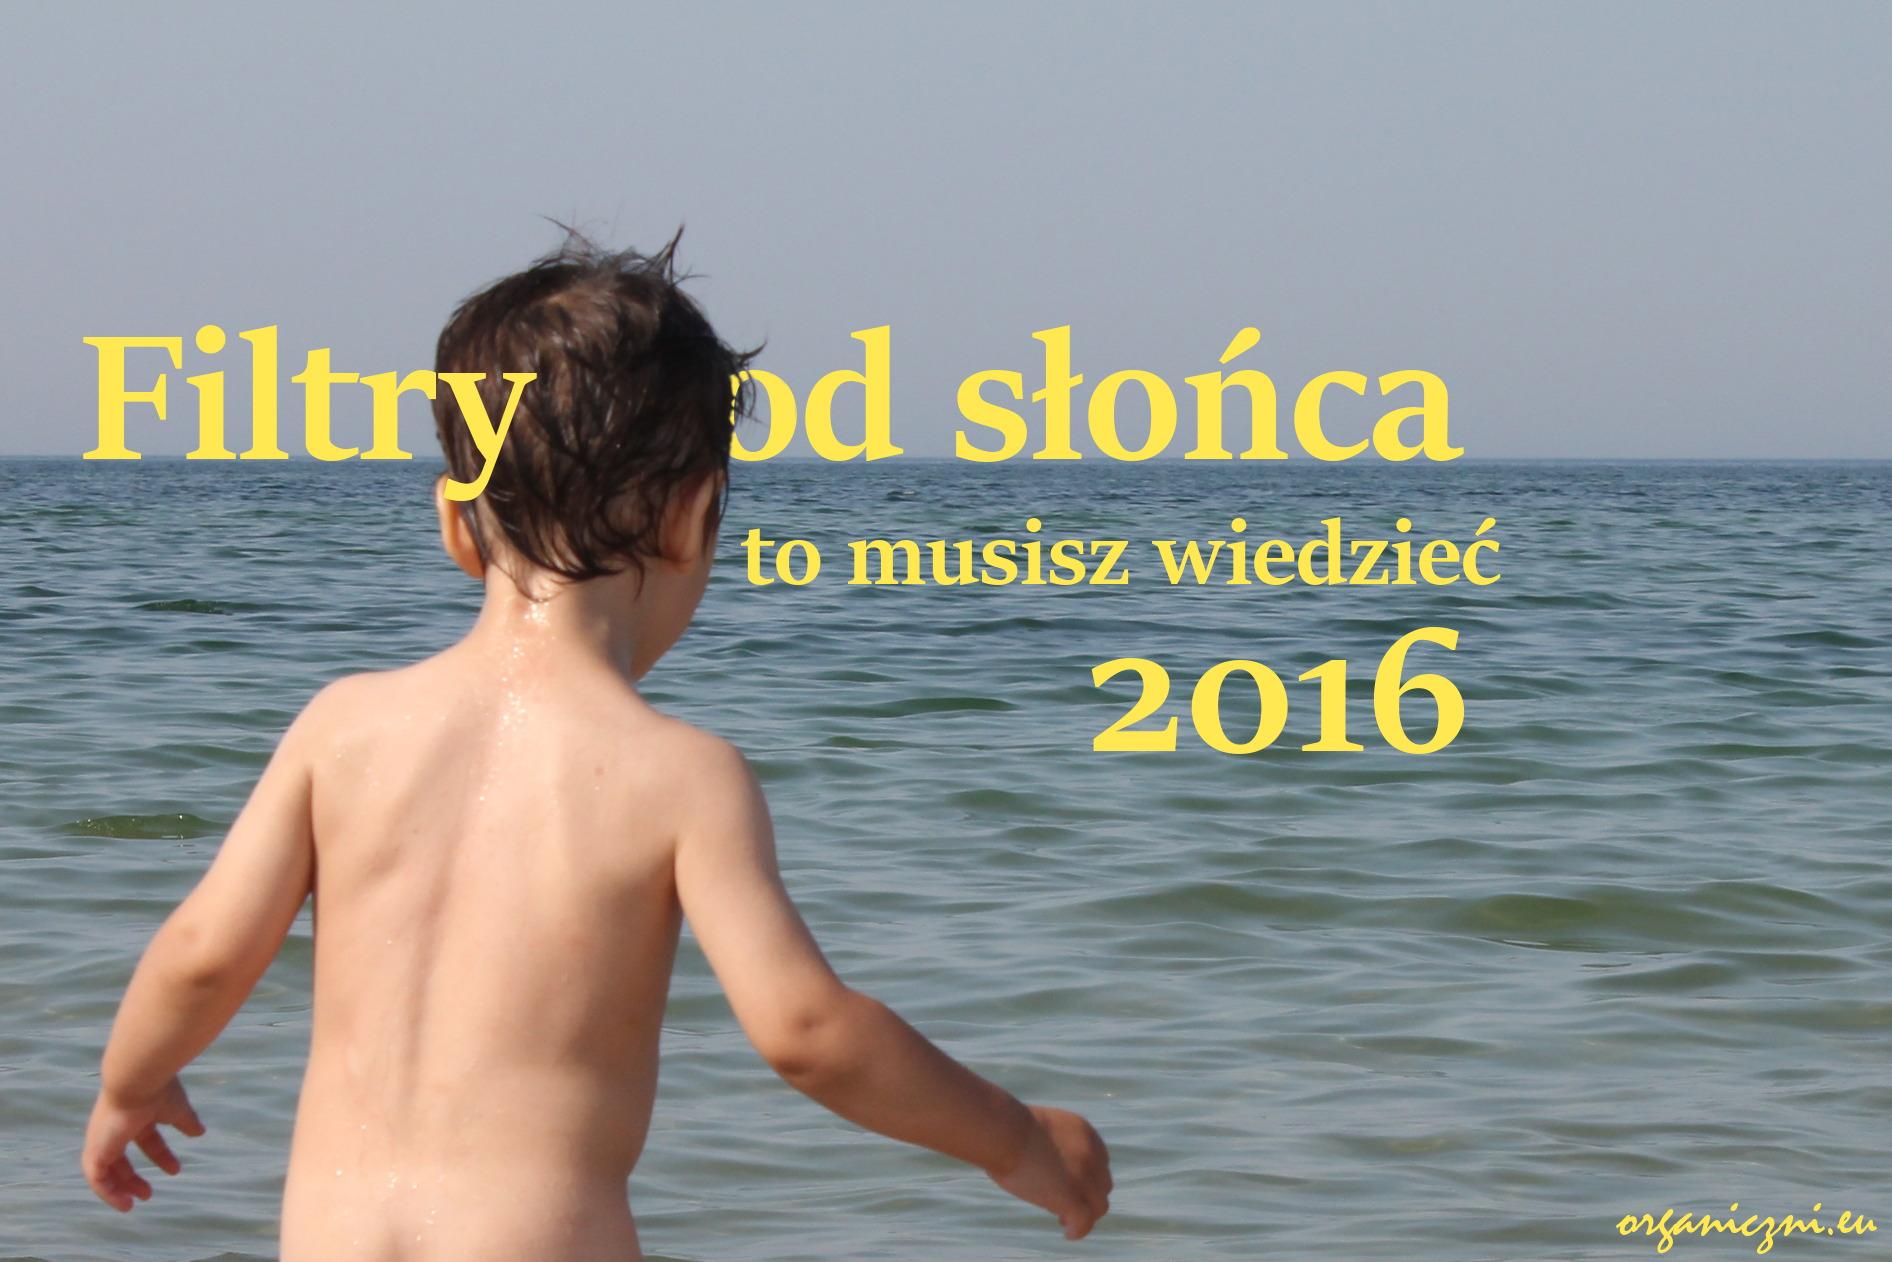 filtry_od_slonca_2016_duze